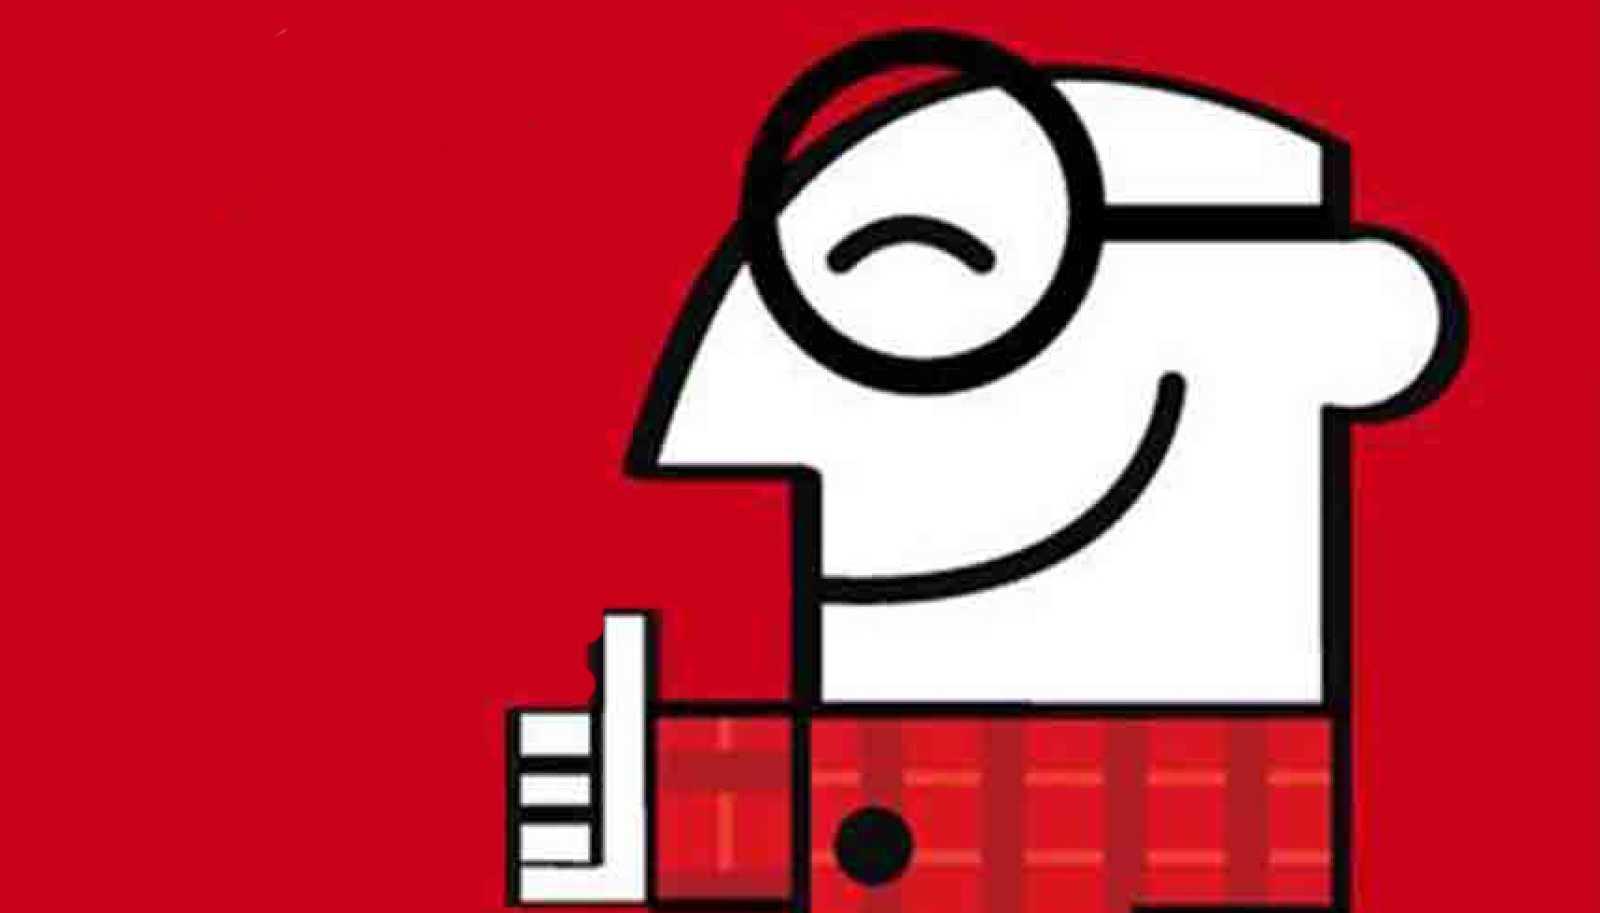 Salimos por el mundo - Daniel Marote y el poder de las nuevas tecnologías - 01/11/17 - escuchar ahora